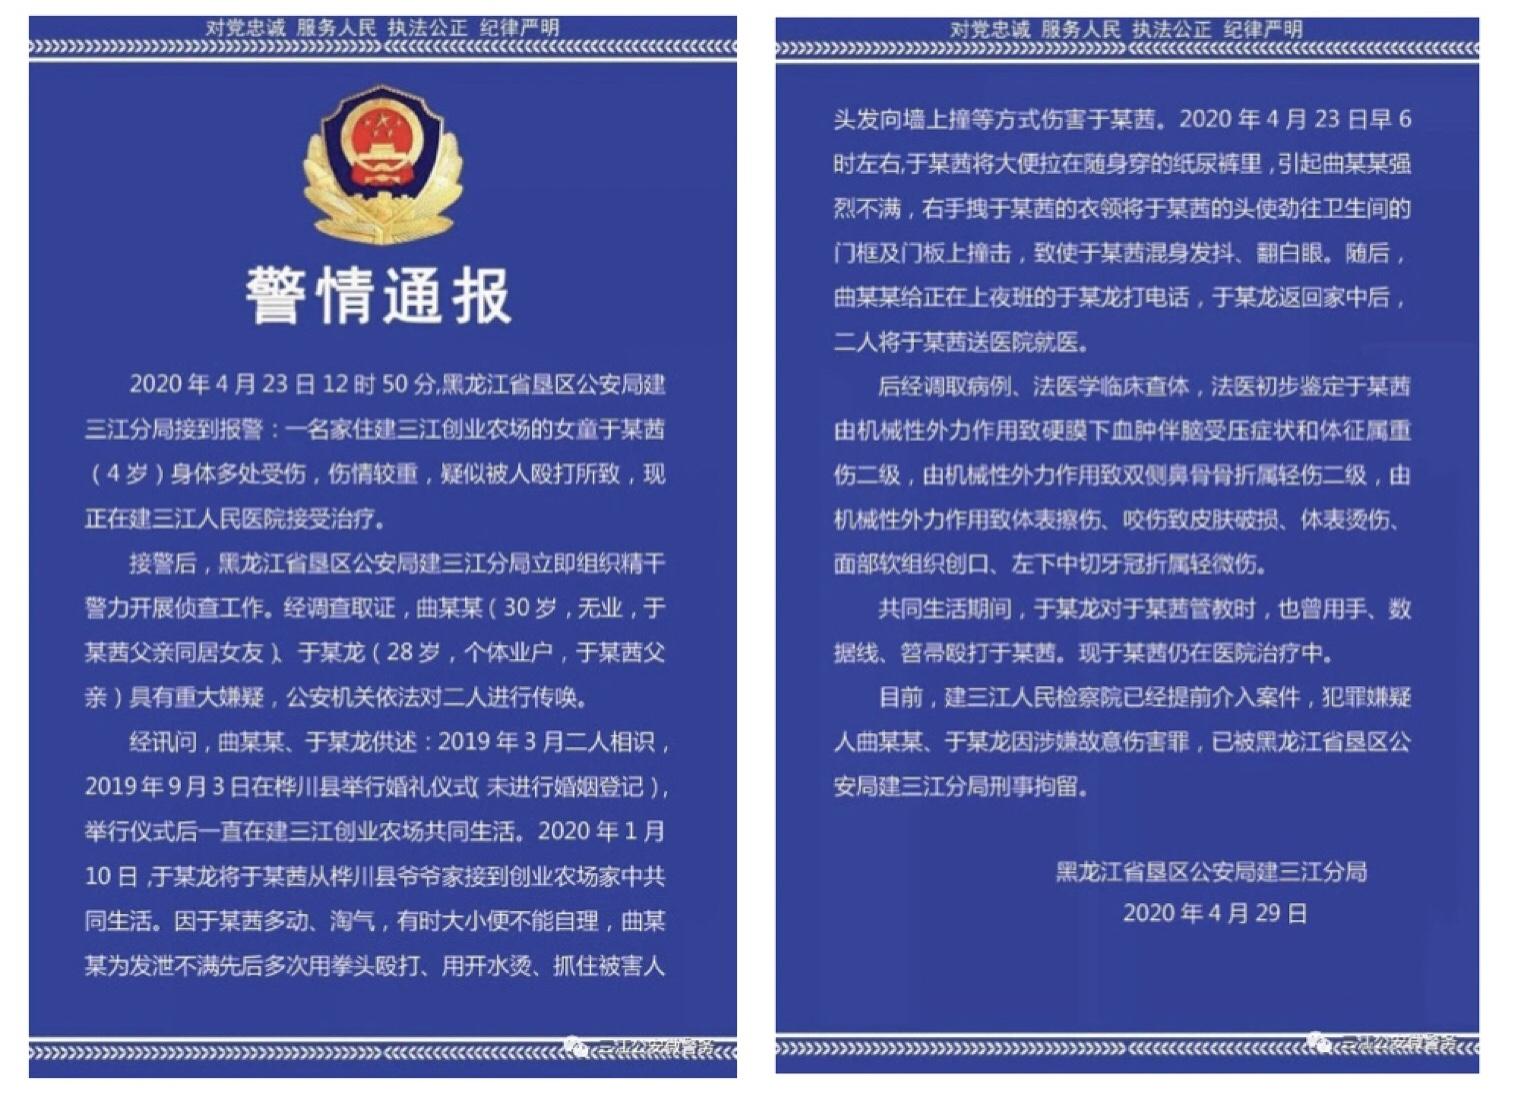 涿州市申燕_供电 - 杏悦-自然科学